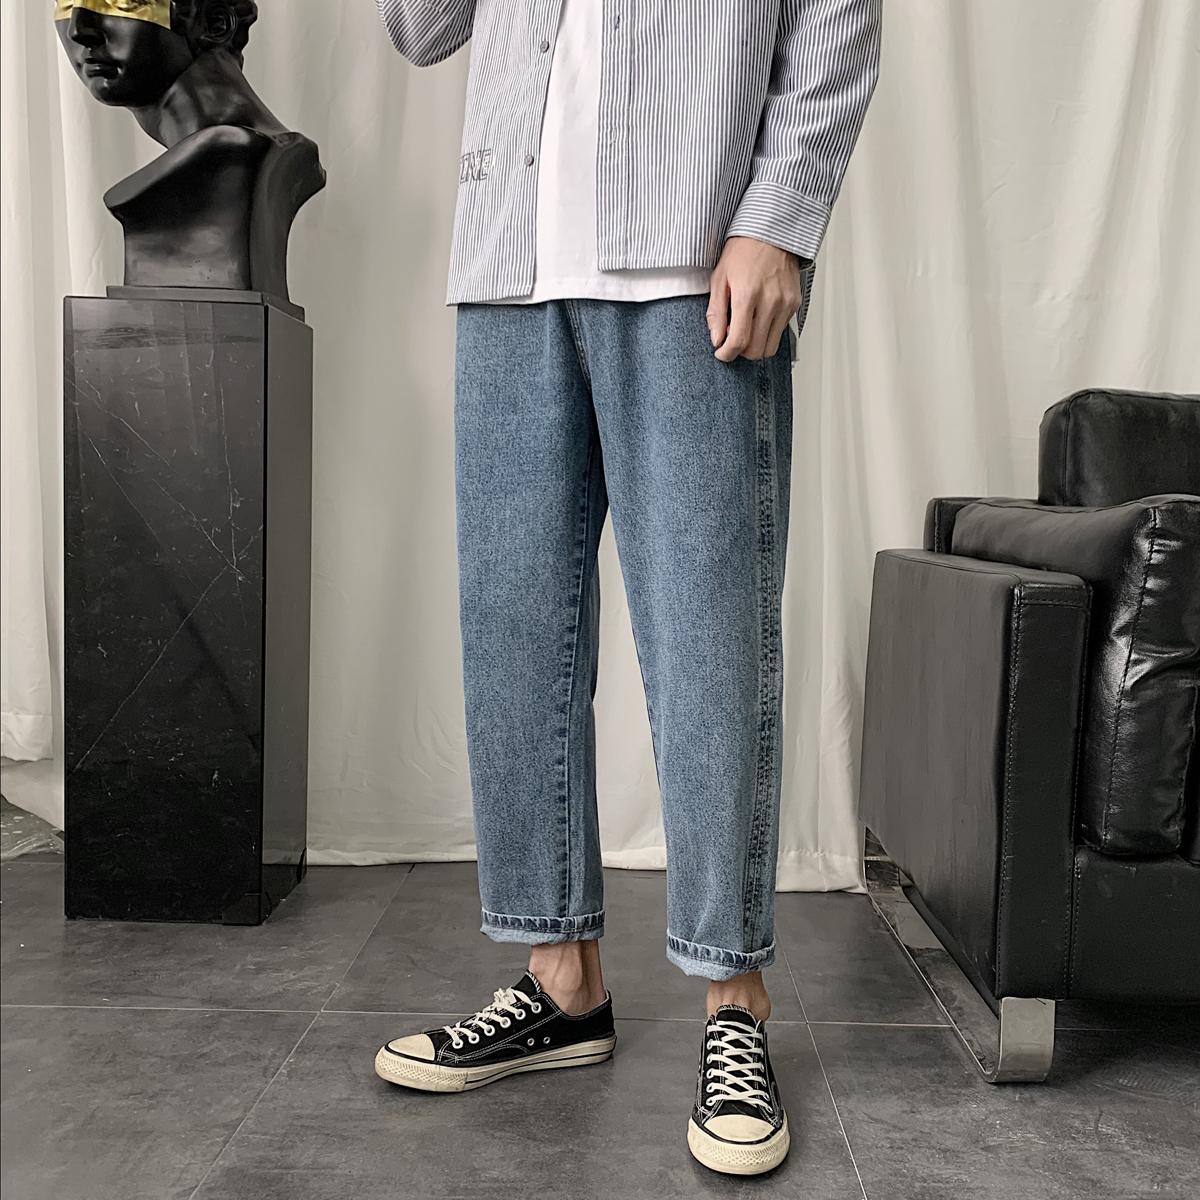 秋季港风潮男韩版修身小脚牛仔裤休闲裤精品NK8901B-P55-控69